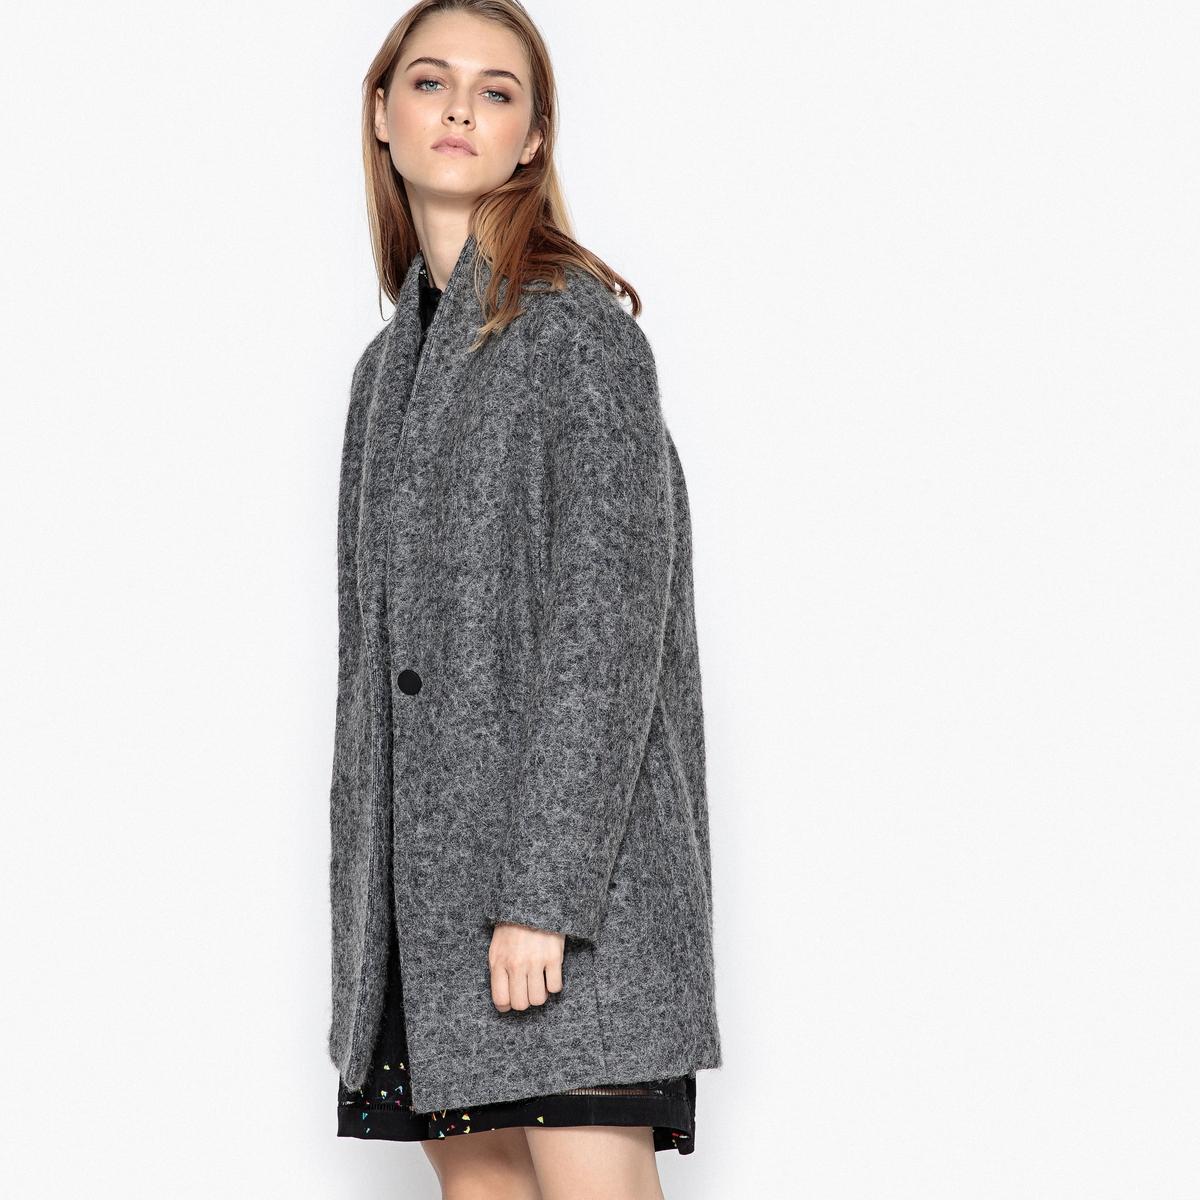 Пальто средней длины 30% шерстиОписание:Чтобы выглядеть модно, выбирайте это пальто SUNCOO из смесовой шерсти . Шалевый воротник. Застежка на 1 пуговицу спереди. 2 невидимых кармана .Детали •  Длина : средняя •  Шалевый воротник • Застежка на пуговицыСостав и уход •  30% шерсти, 70% полиэстера •  Следуйте рекомендациям по уходу, указанным на этикетке изделия<br><br>Цвет: антрацит,красный<br>Размер: M.XS.S